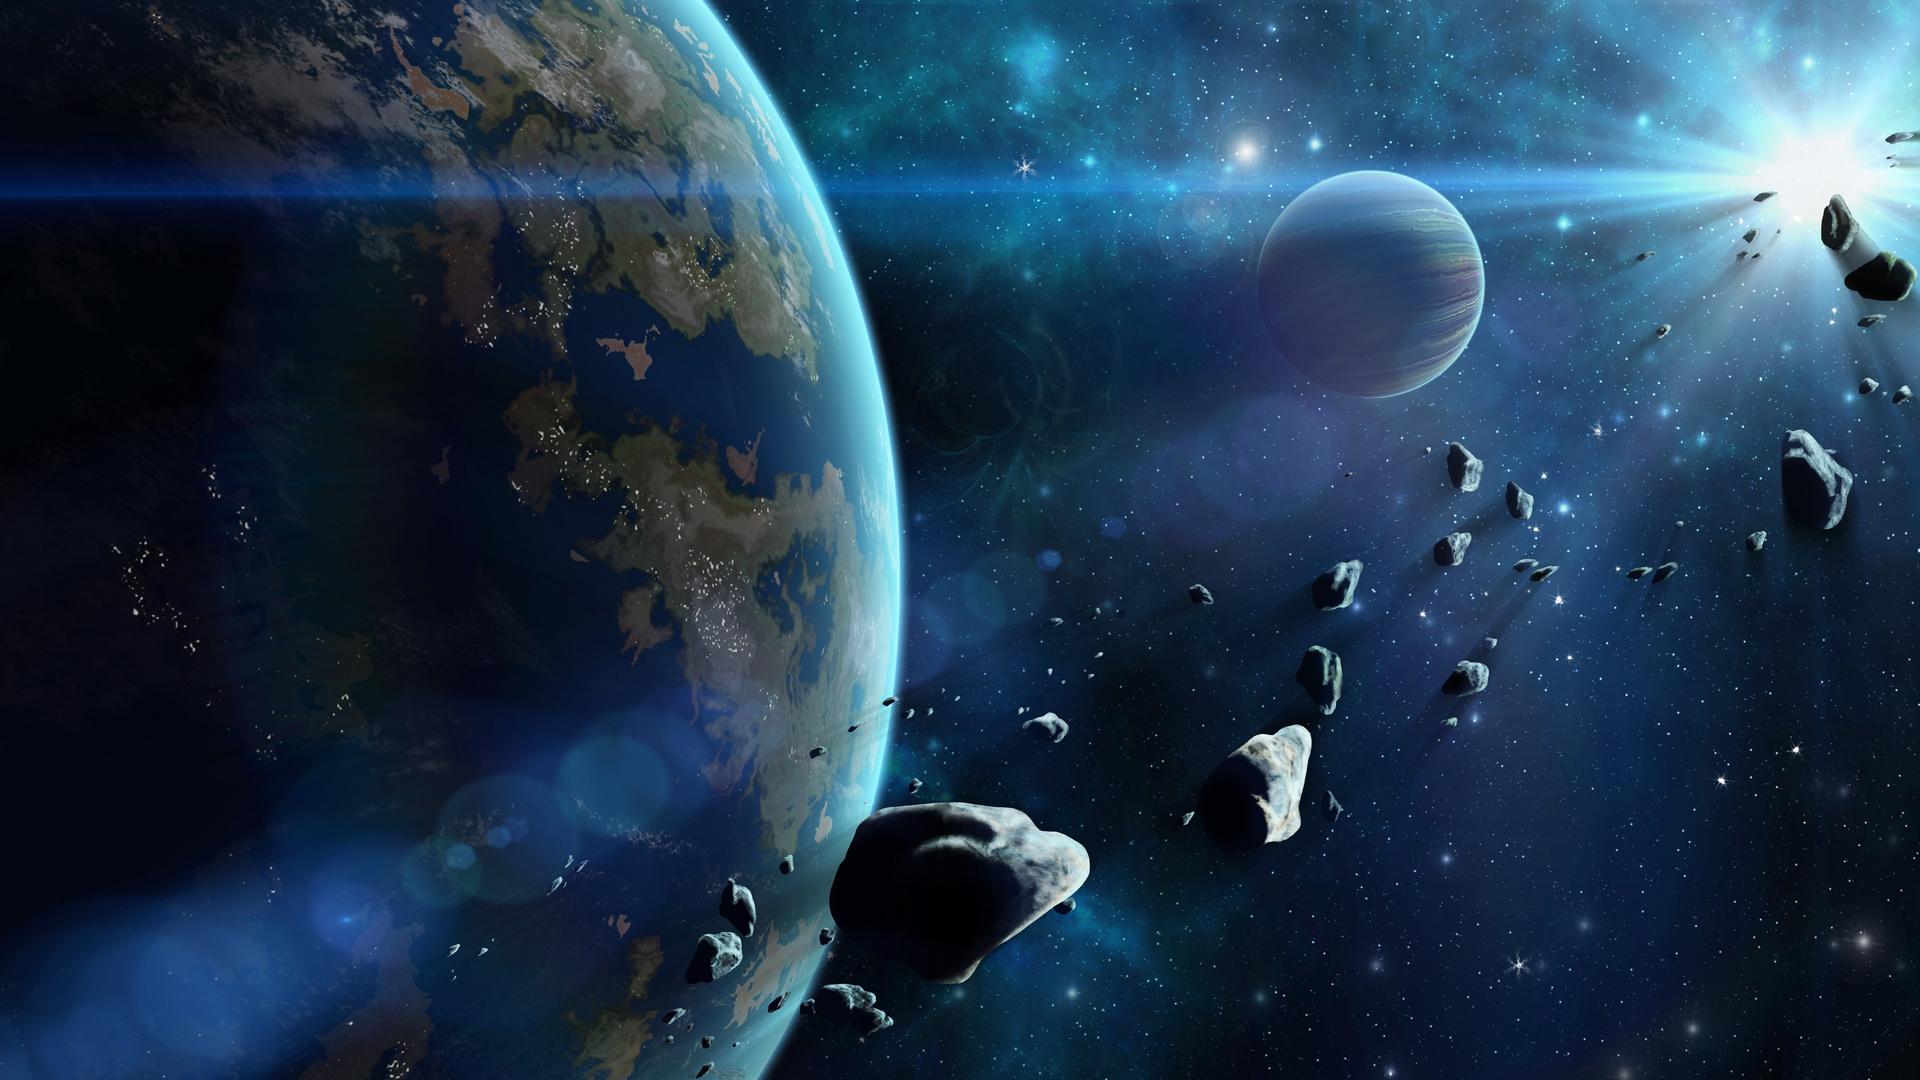 архив картинок про космос удивительная